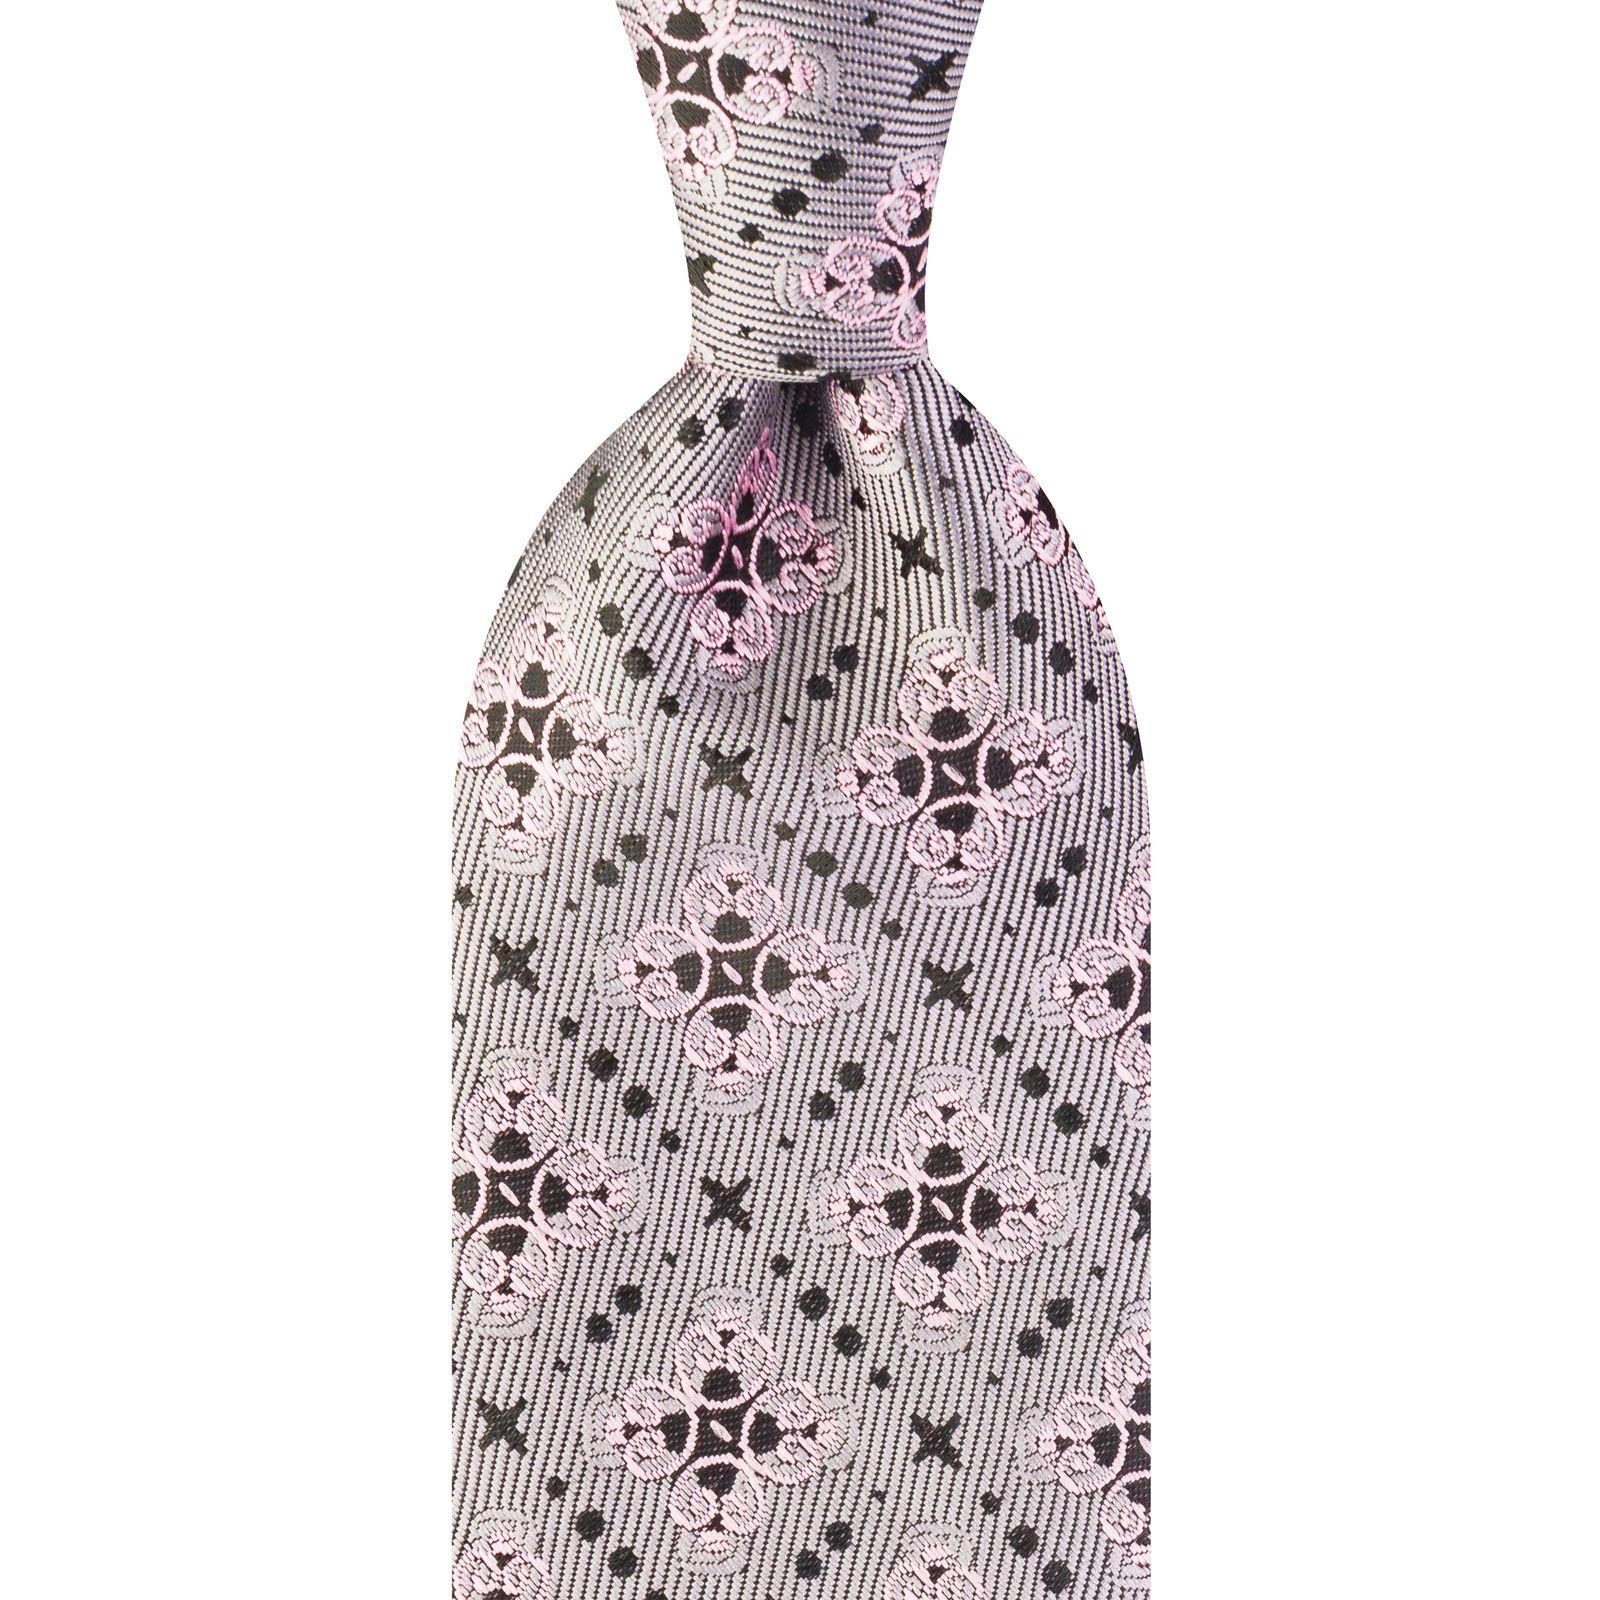 ست کراوات و دستمال جیب و گل کت مردانه جیان فرانکو روسی مدل GF-PO924-PI -  - 3